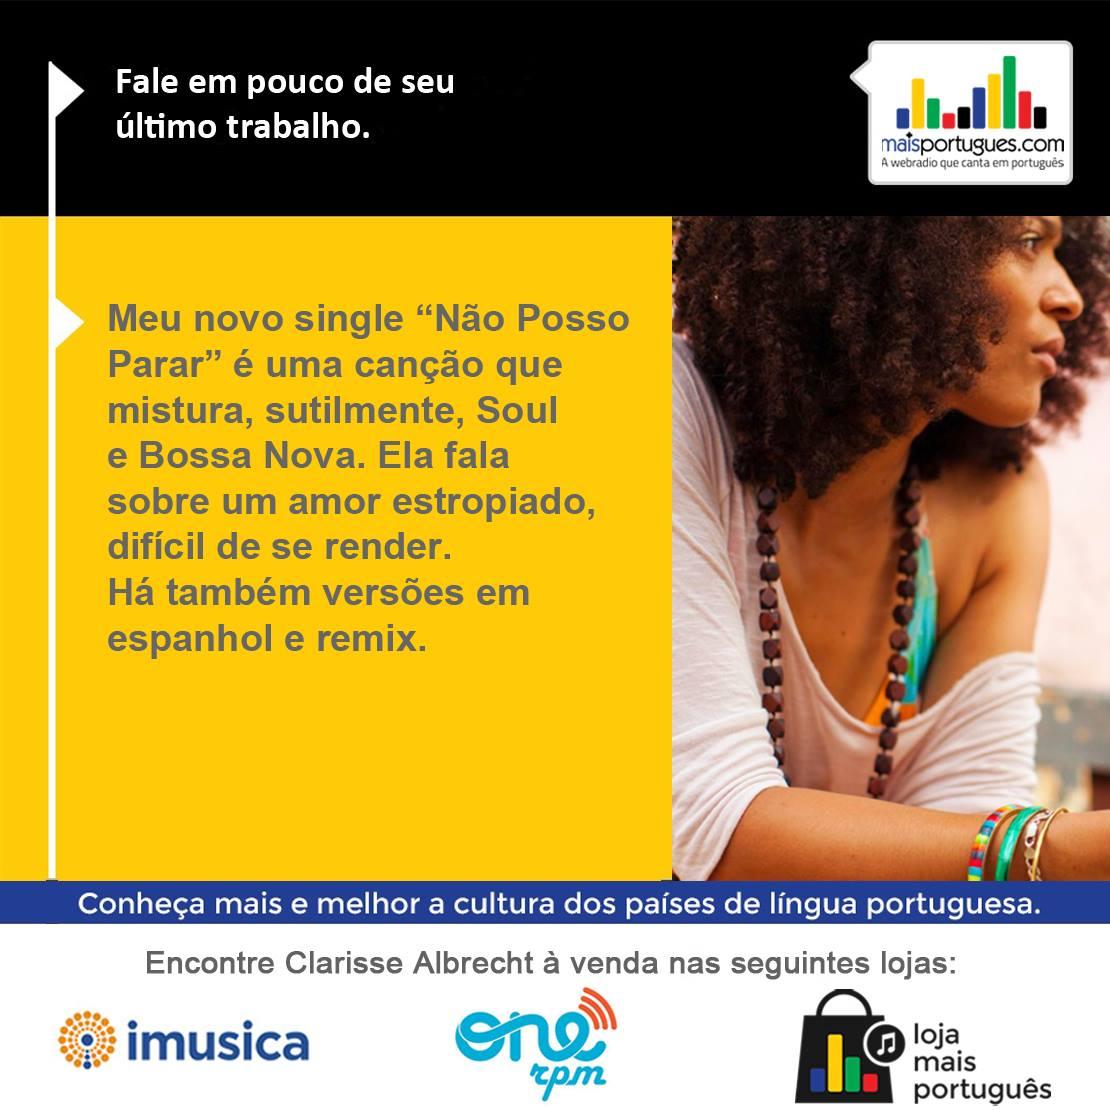 Entrevista Mais Português - 3